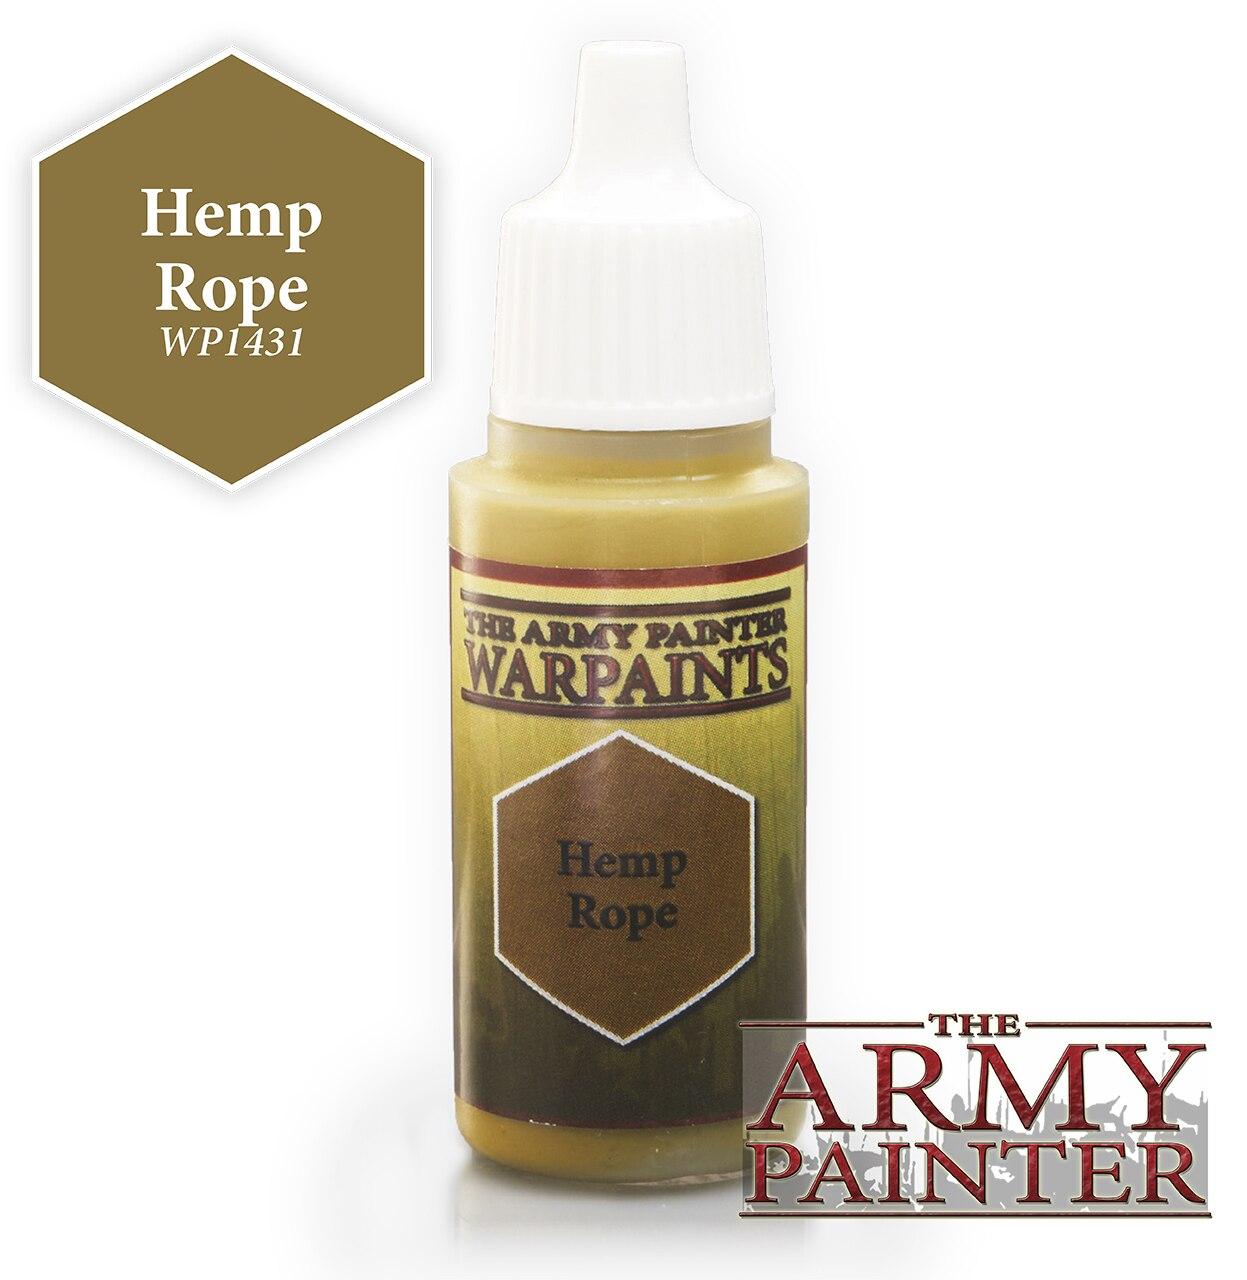 Army Painter Warpaint - Hemp Rope